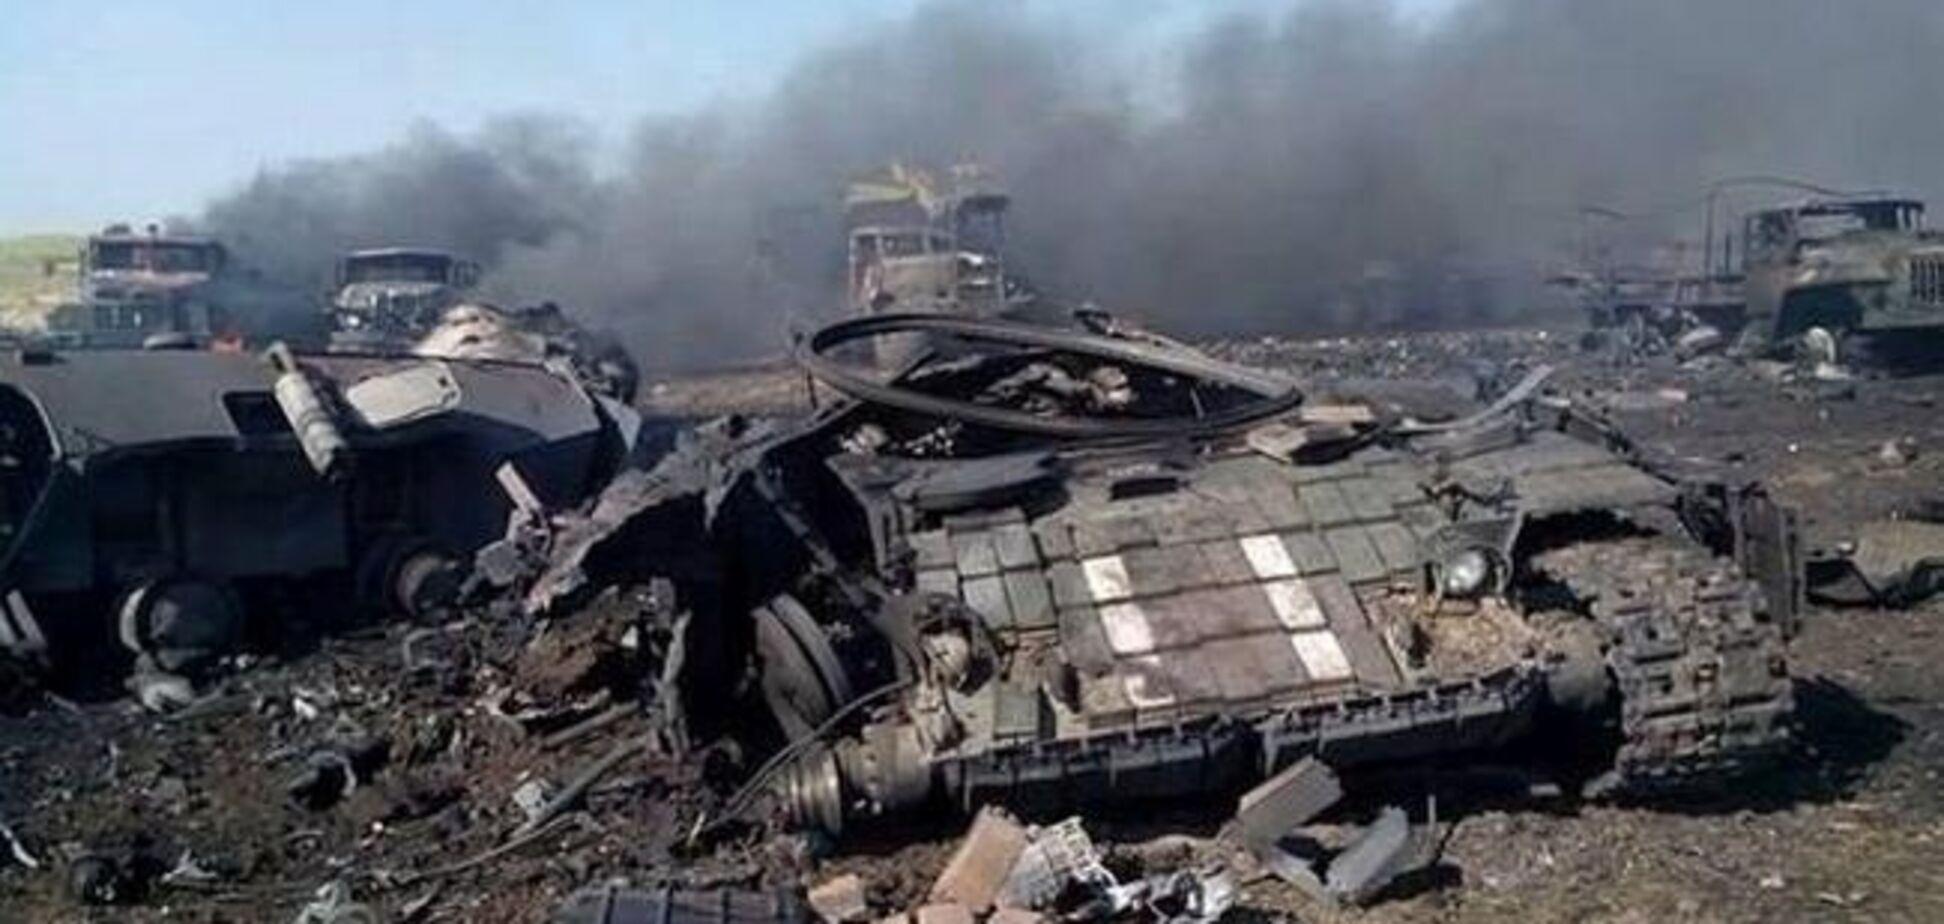 Стягують 'Гради': в 'ДНР' анонсували масштабний наступ ЗСУ